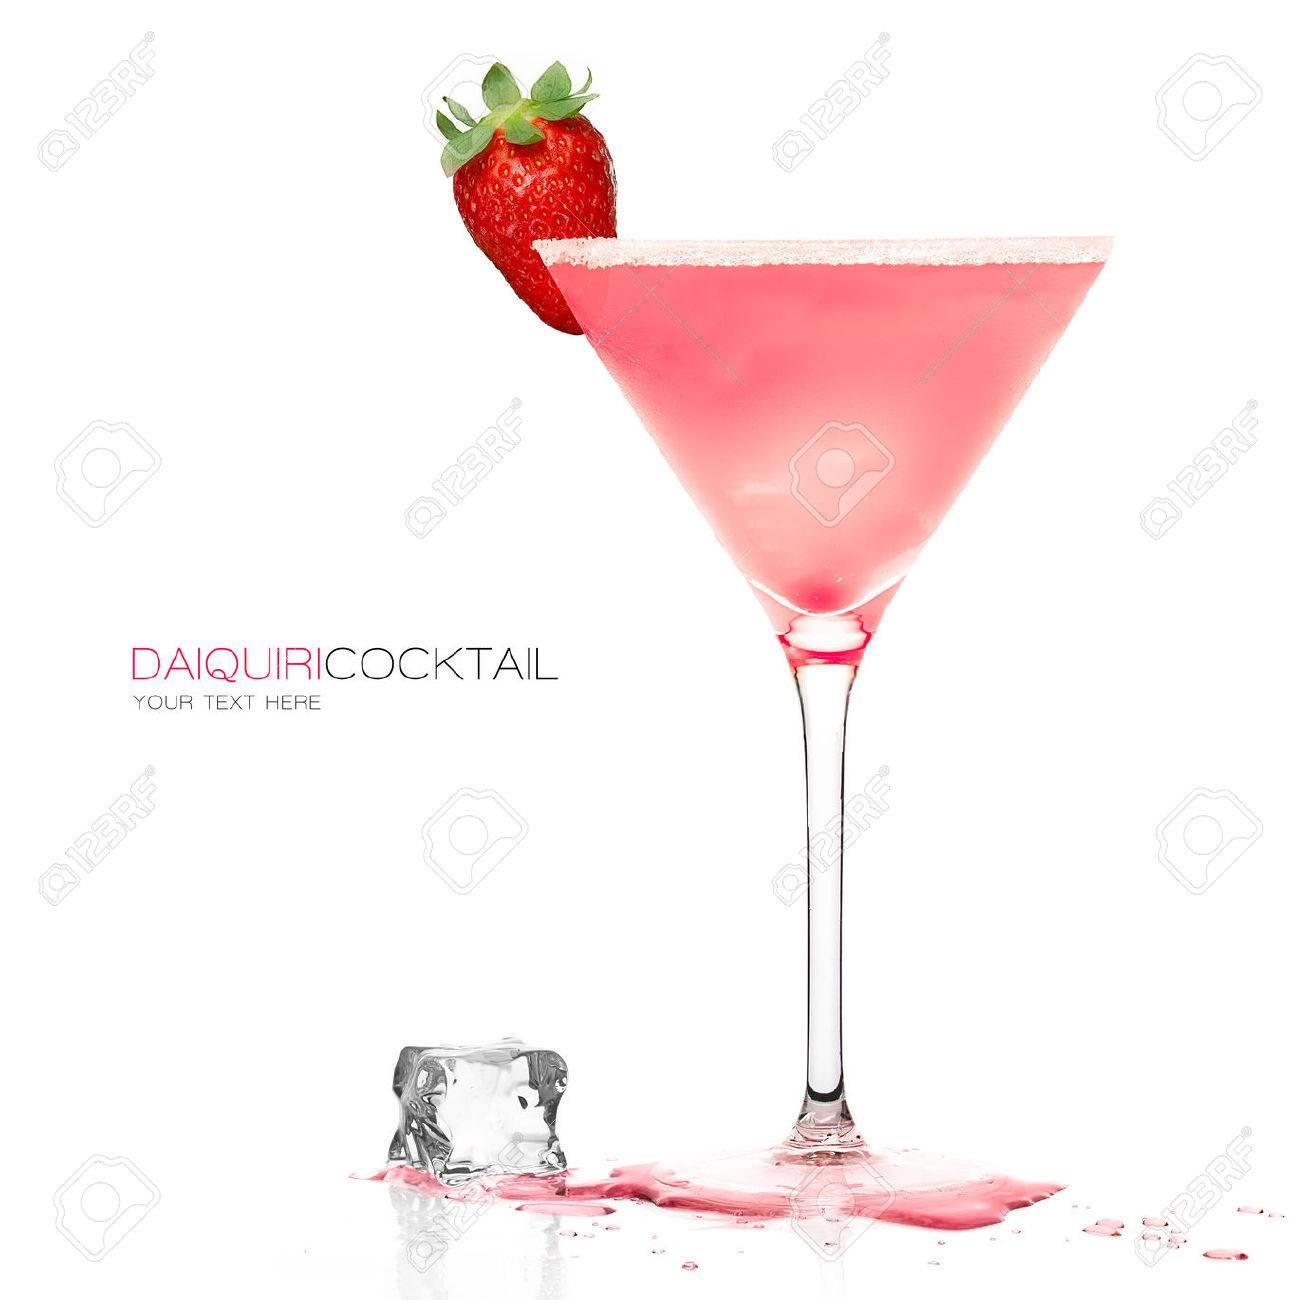 Daiquiri frozen cocktail in a stylish martini glass garnished - 43565467